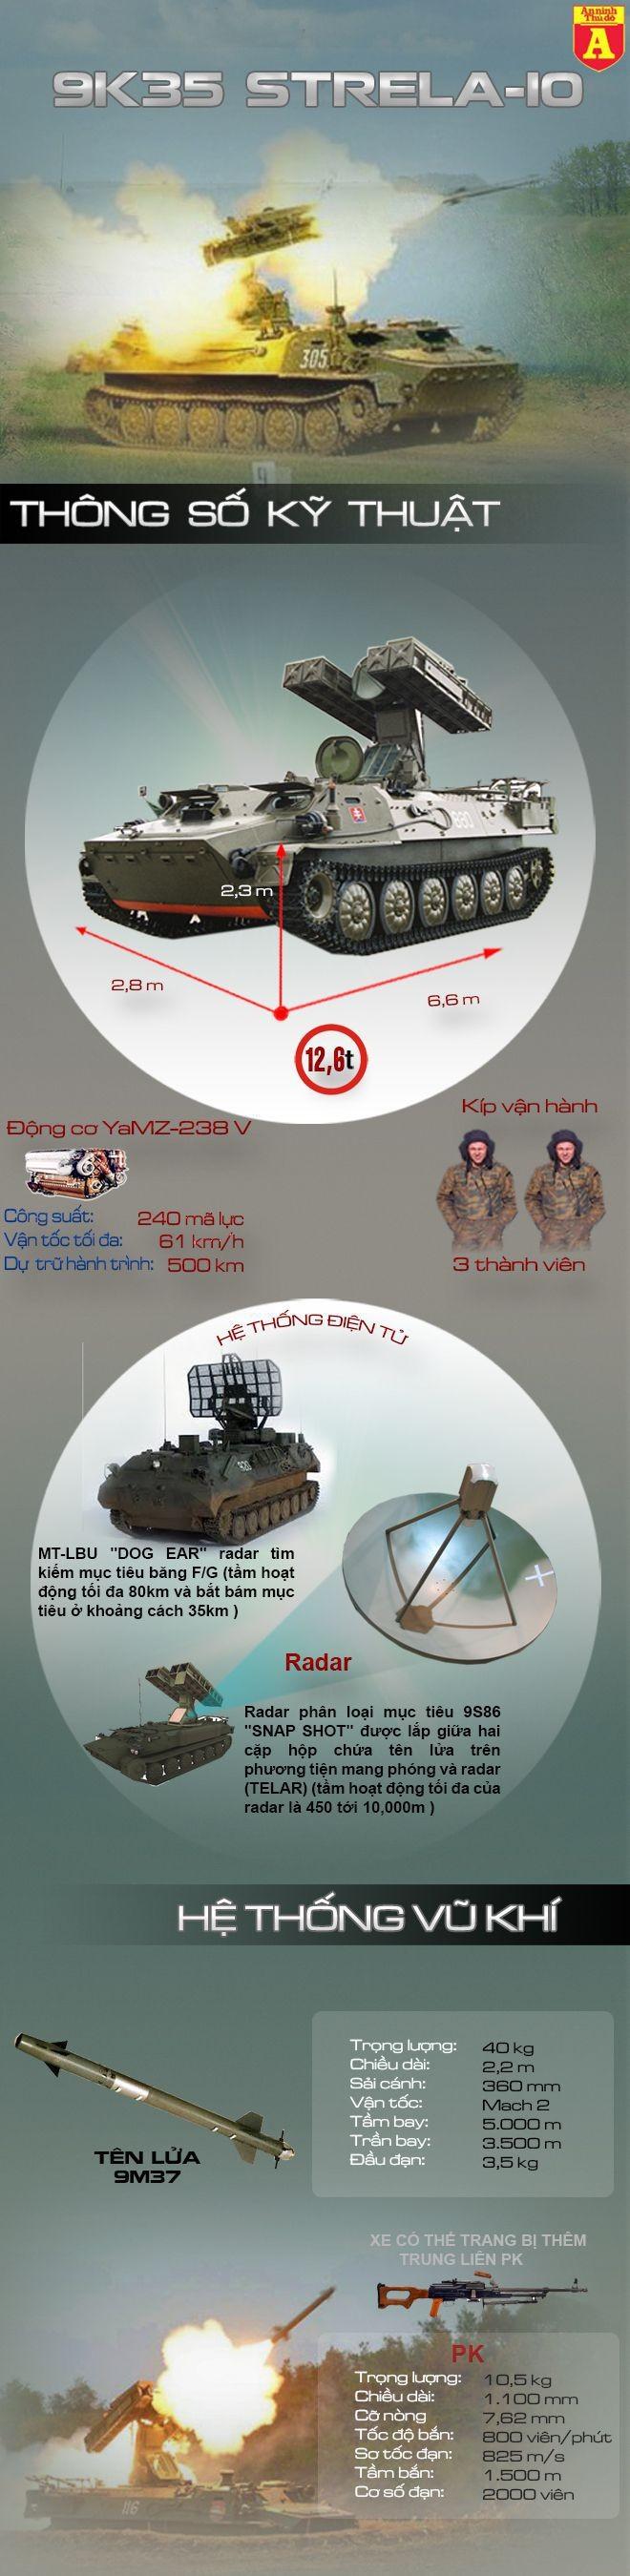 [Infographic] Sát thủ phòng không tầm thấp của Việt Nam